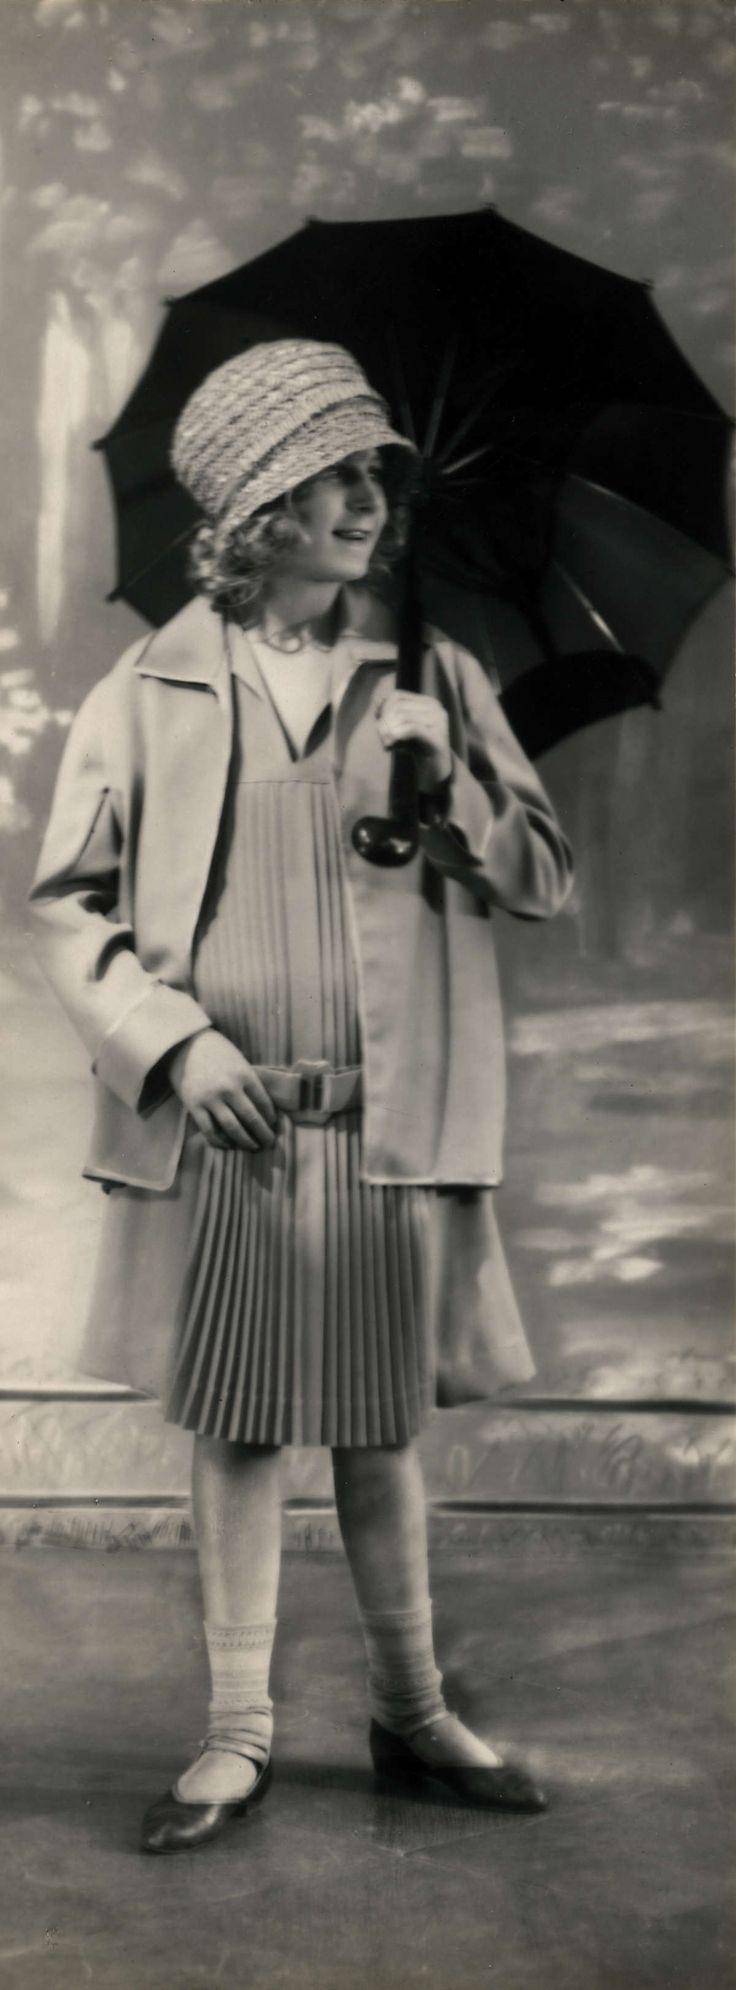 Mode. Kinderkleding. Een  meisje gekleed in een geplooide jurk met daaroverheen en driekwart mantel. Ze heeft een strohoed op en houdt een paraplu vast. . Duitsland, 1926.